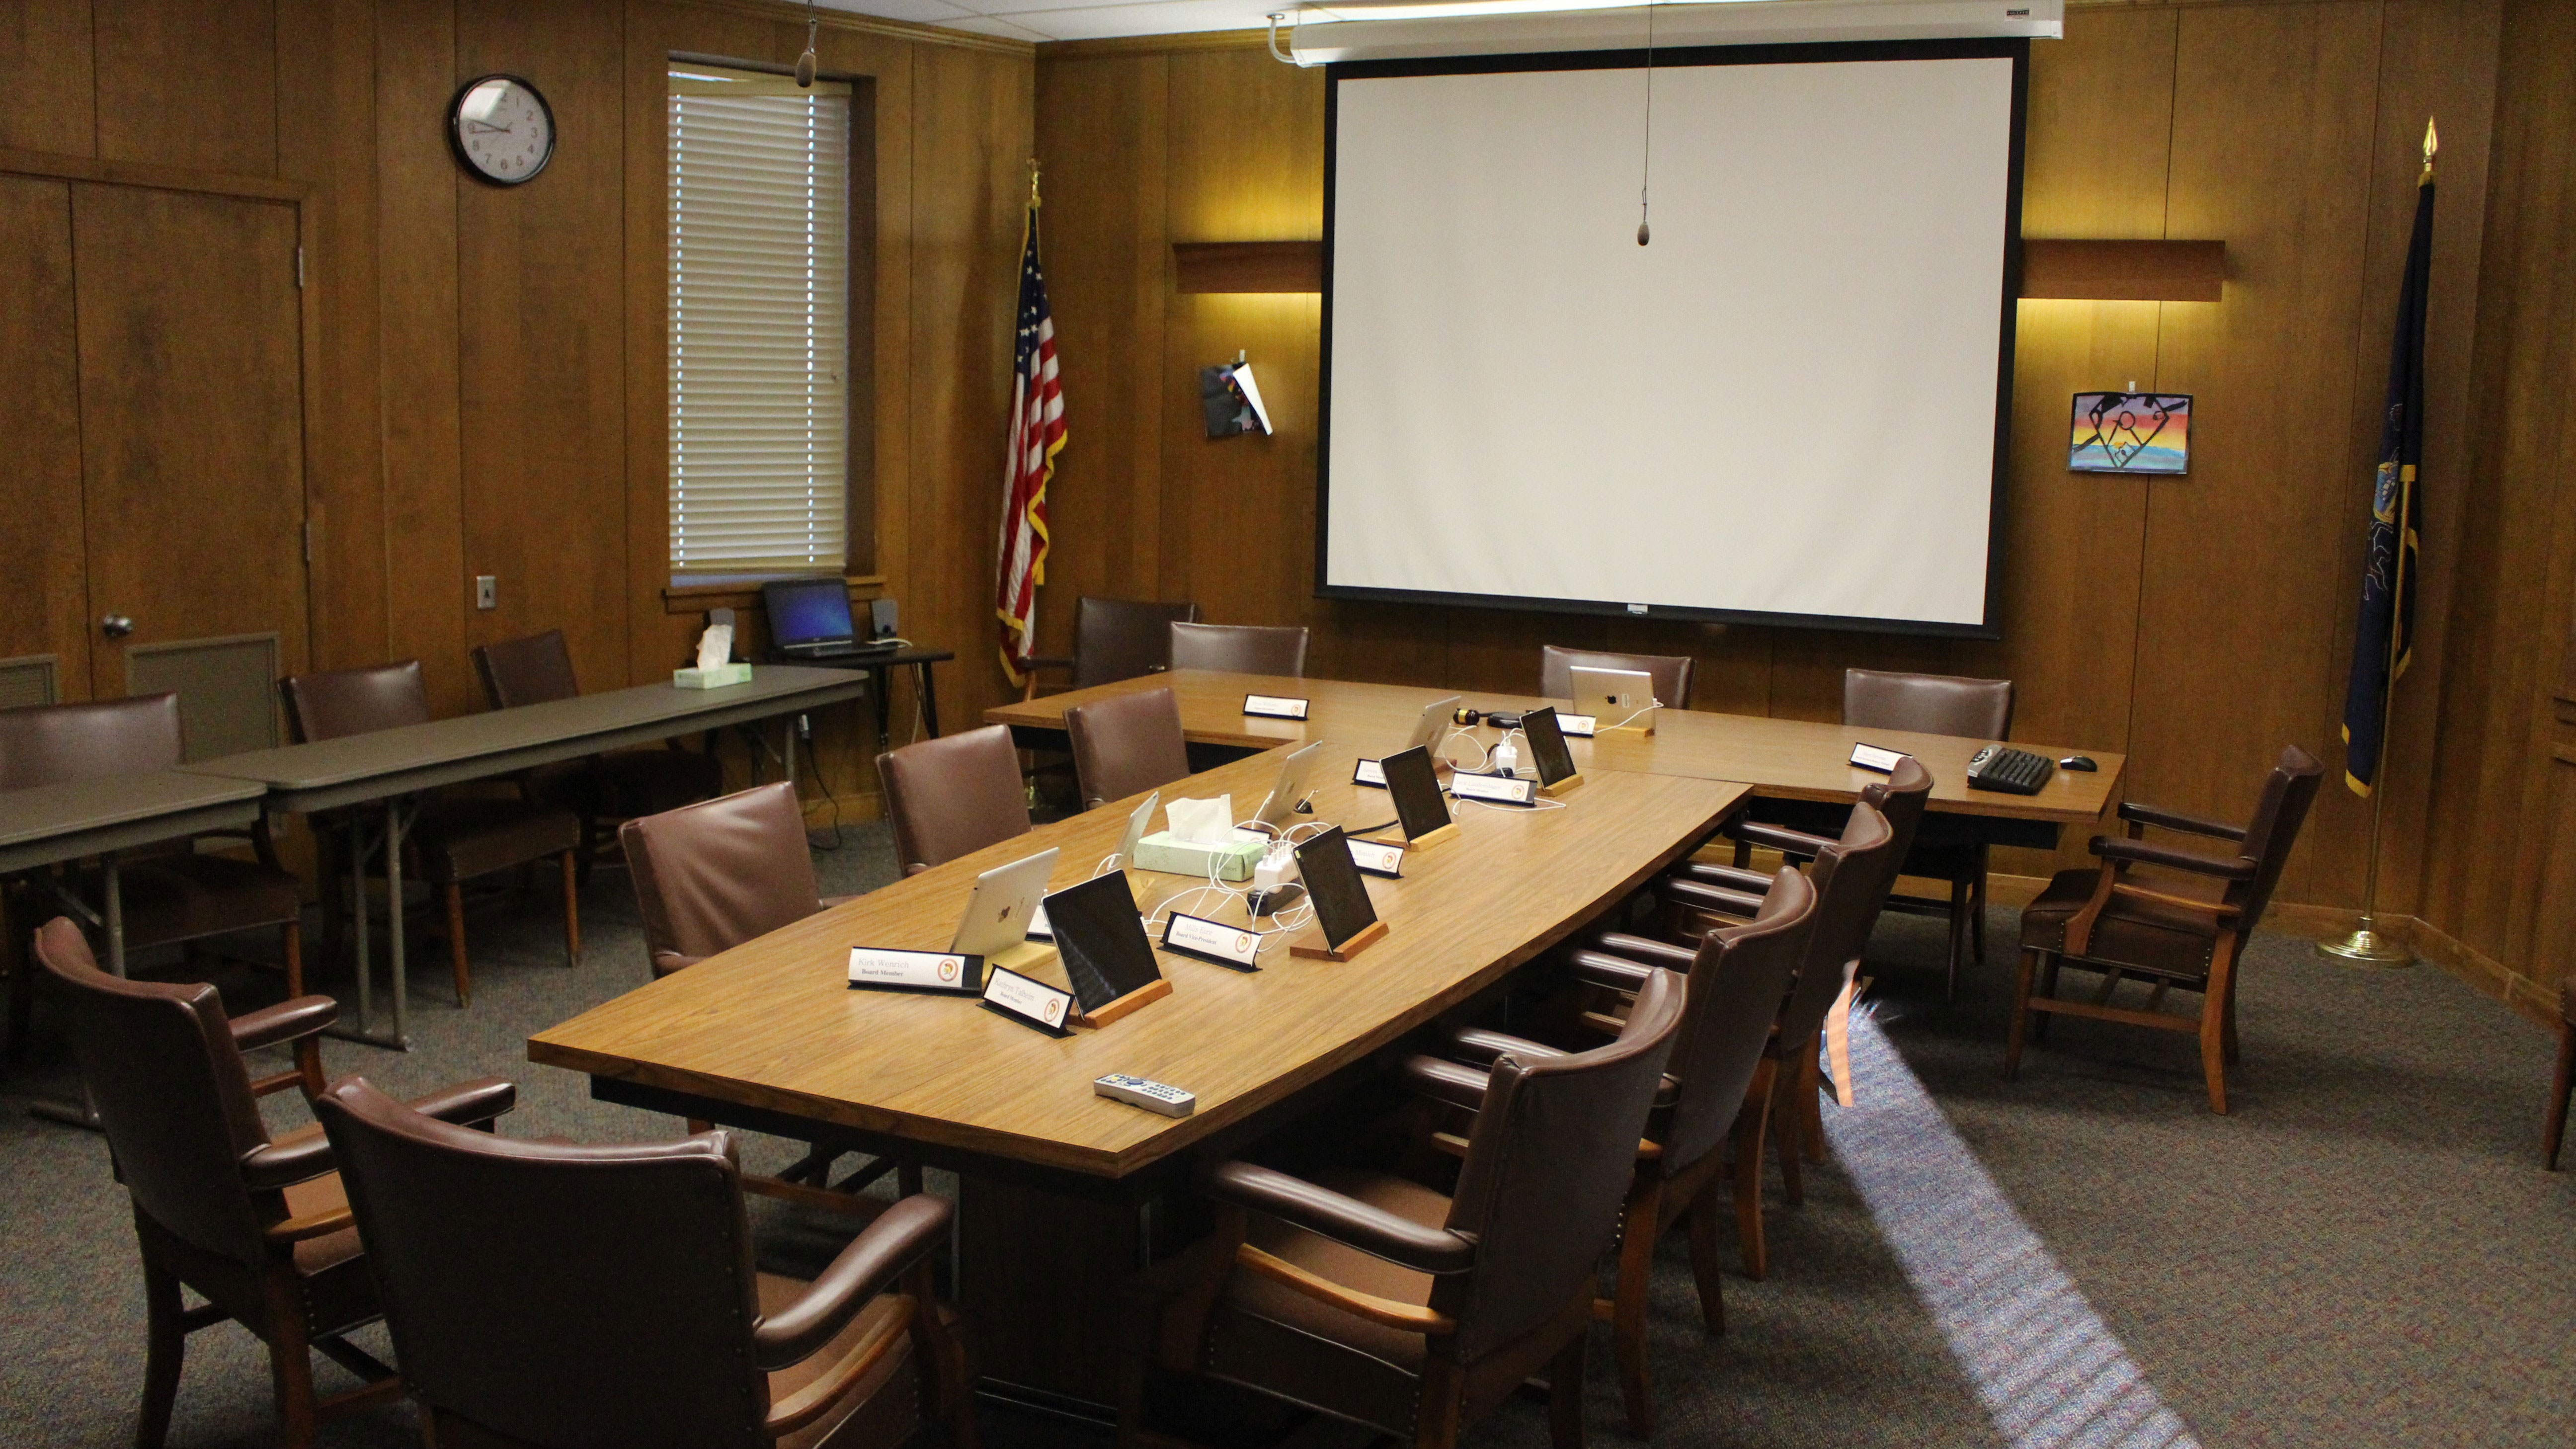 upper dauphin area school board room